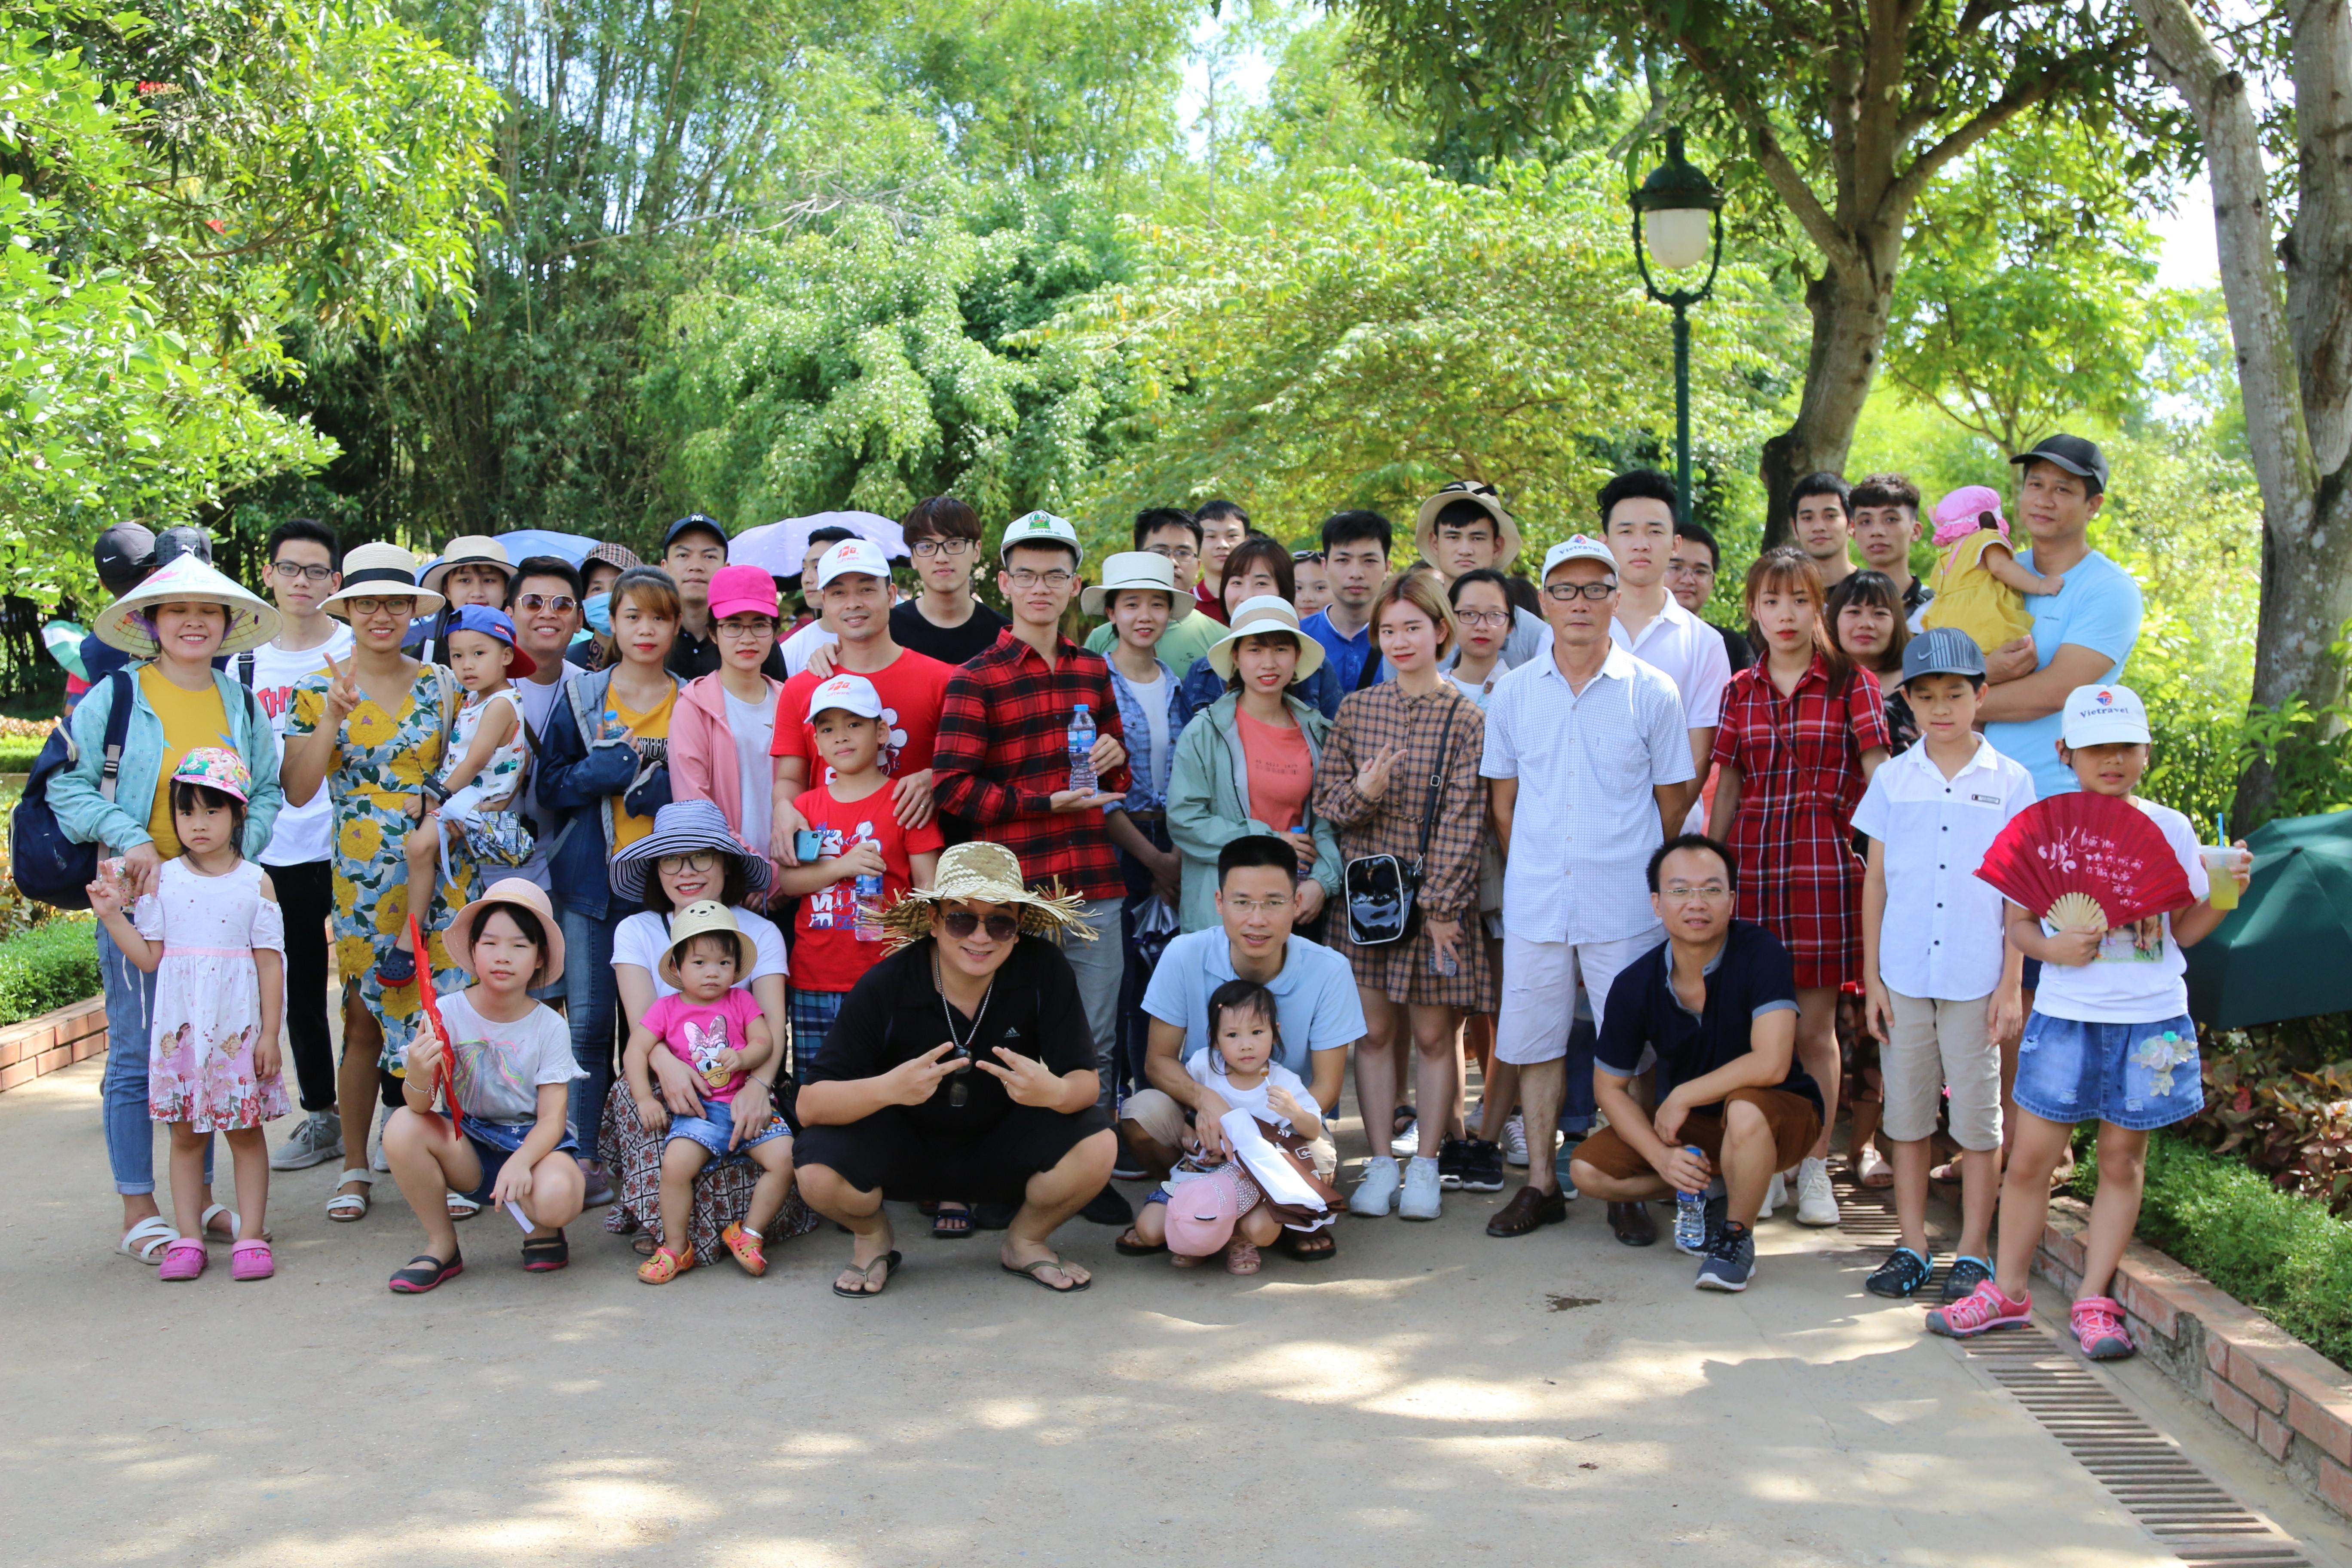 Cả đoàn đến thăm Làng Sen quê Bác, mảnh đất địa linh nhân kiệt, nơi đã sinh ra người cha già của dân tộc.